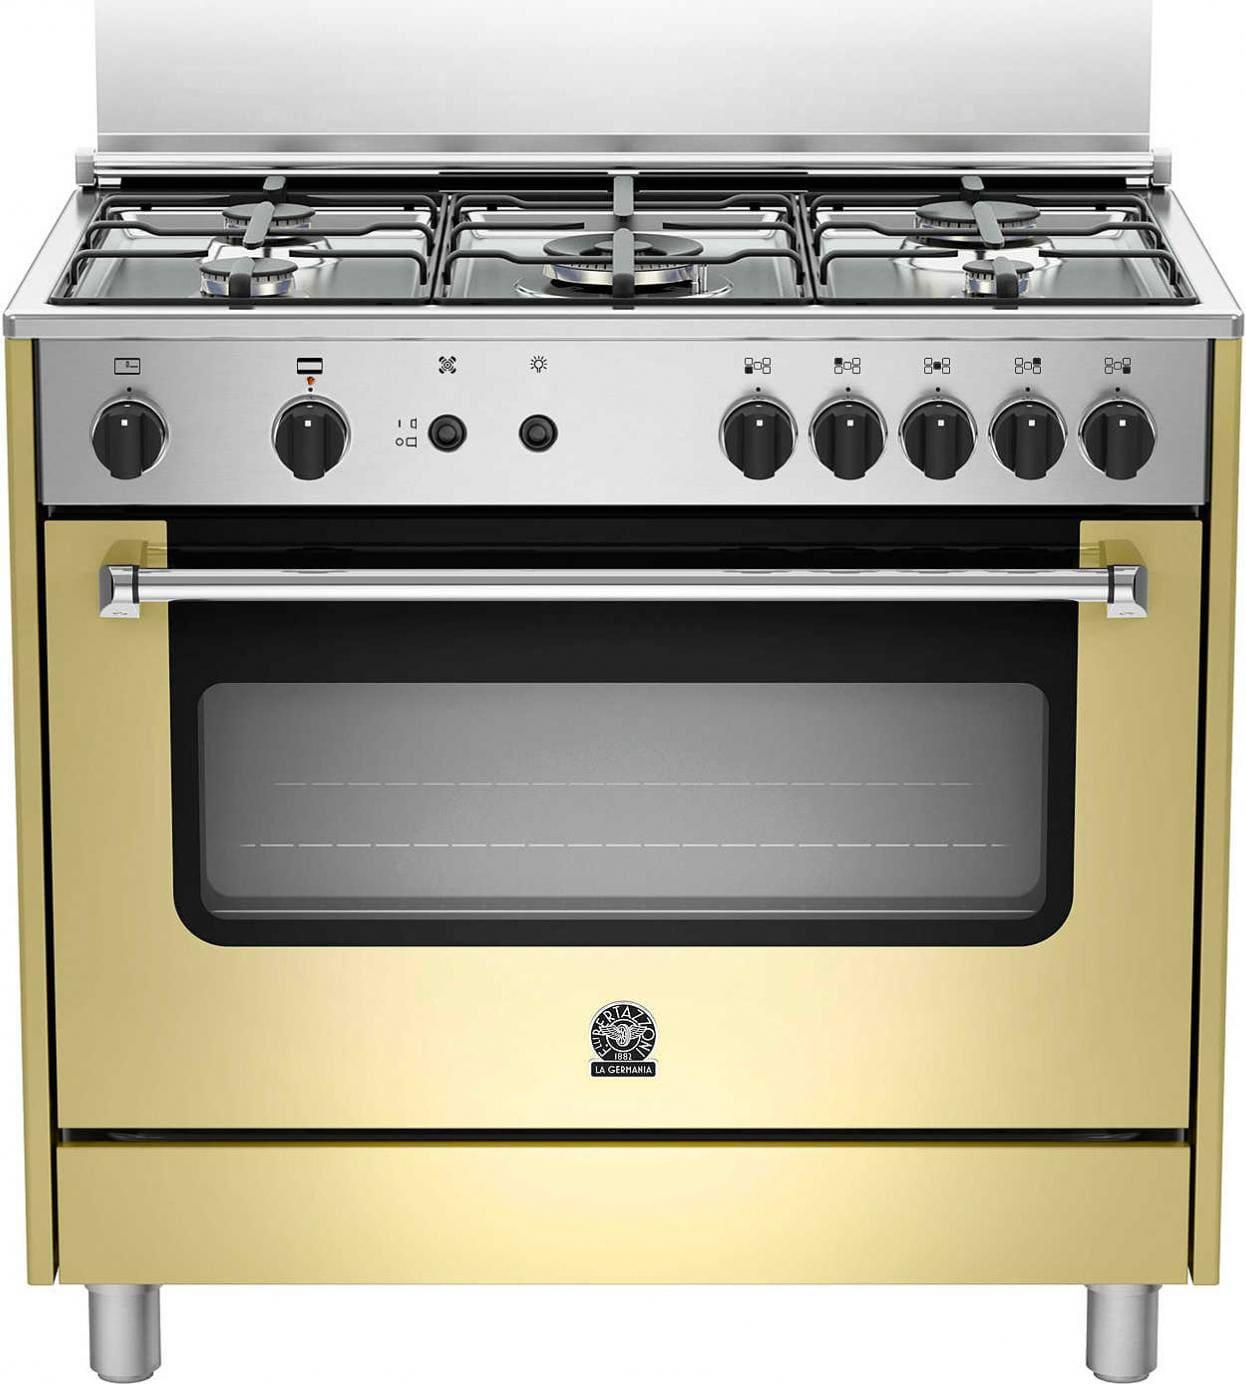 la germania Amn905gevscre Cucina A Gas 5 Fuochi Con Forno A Gas Ventilato Con Grill Larghezza X Profondità 90x60 Cm Classe Energetica A+ Colore Crema - Amn905gevscre Serie Americana